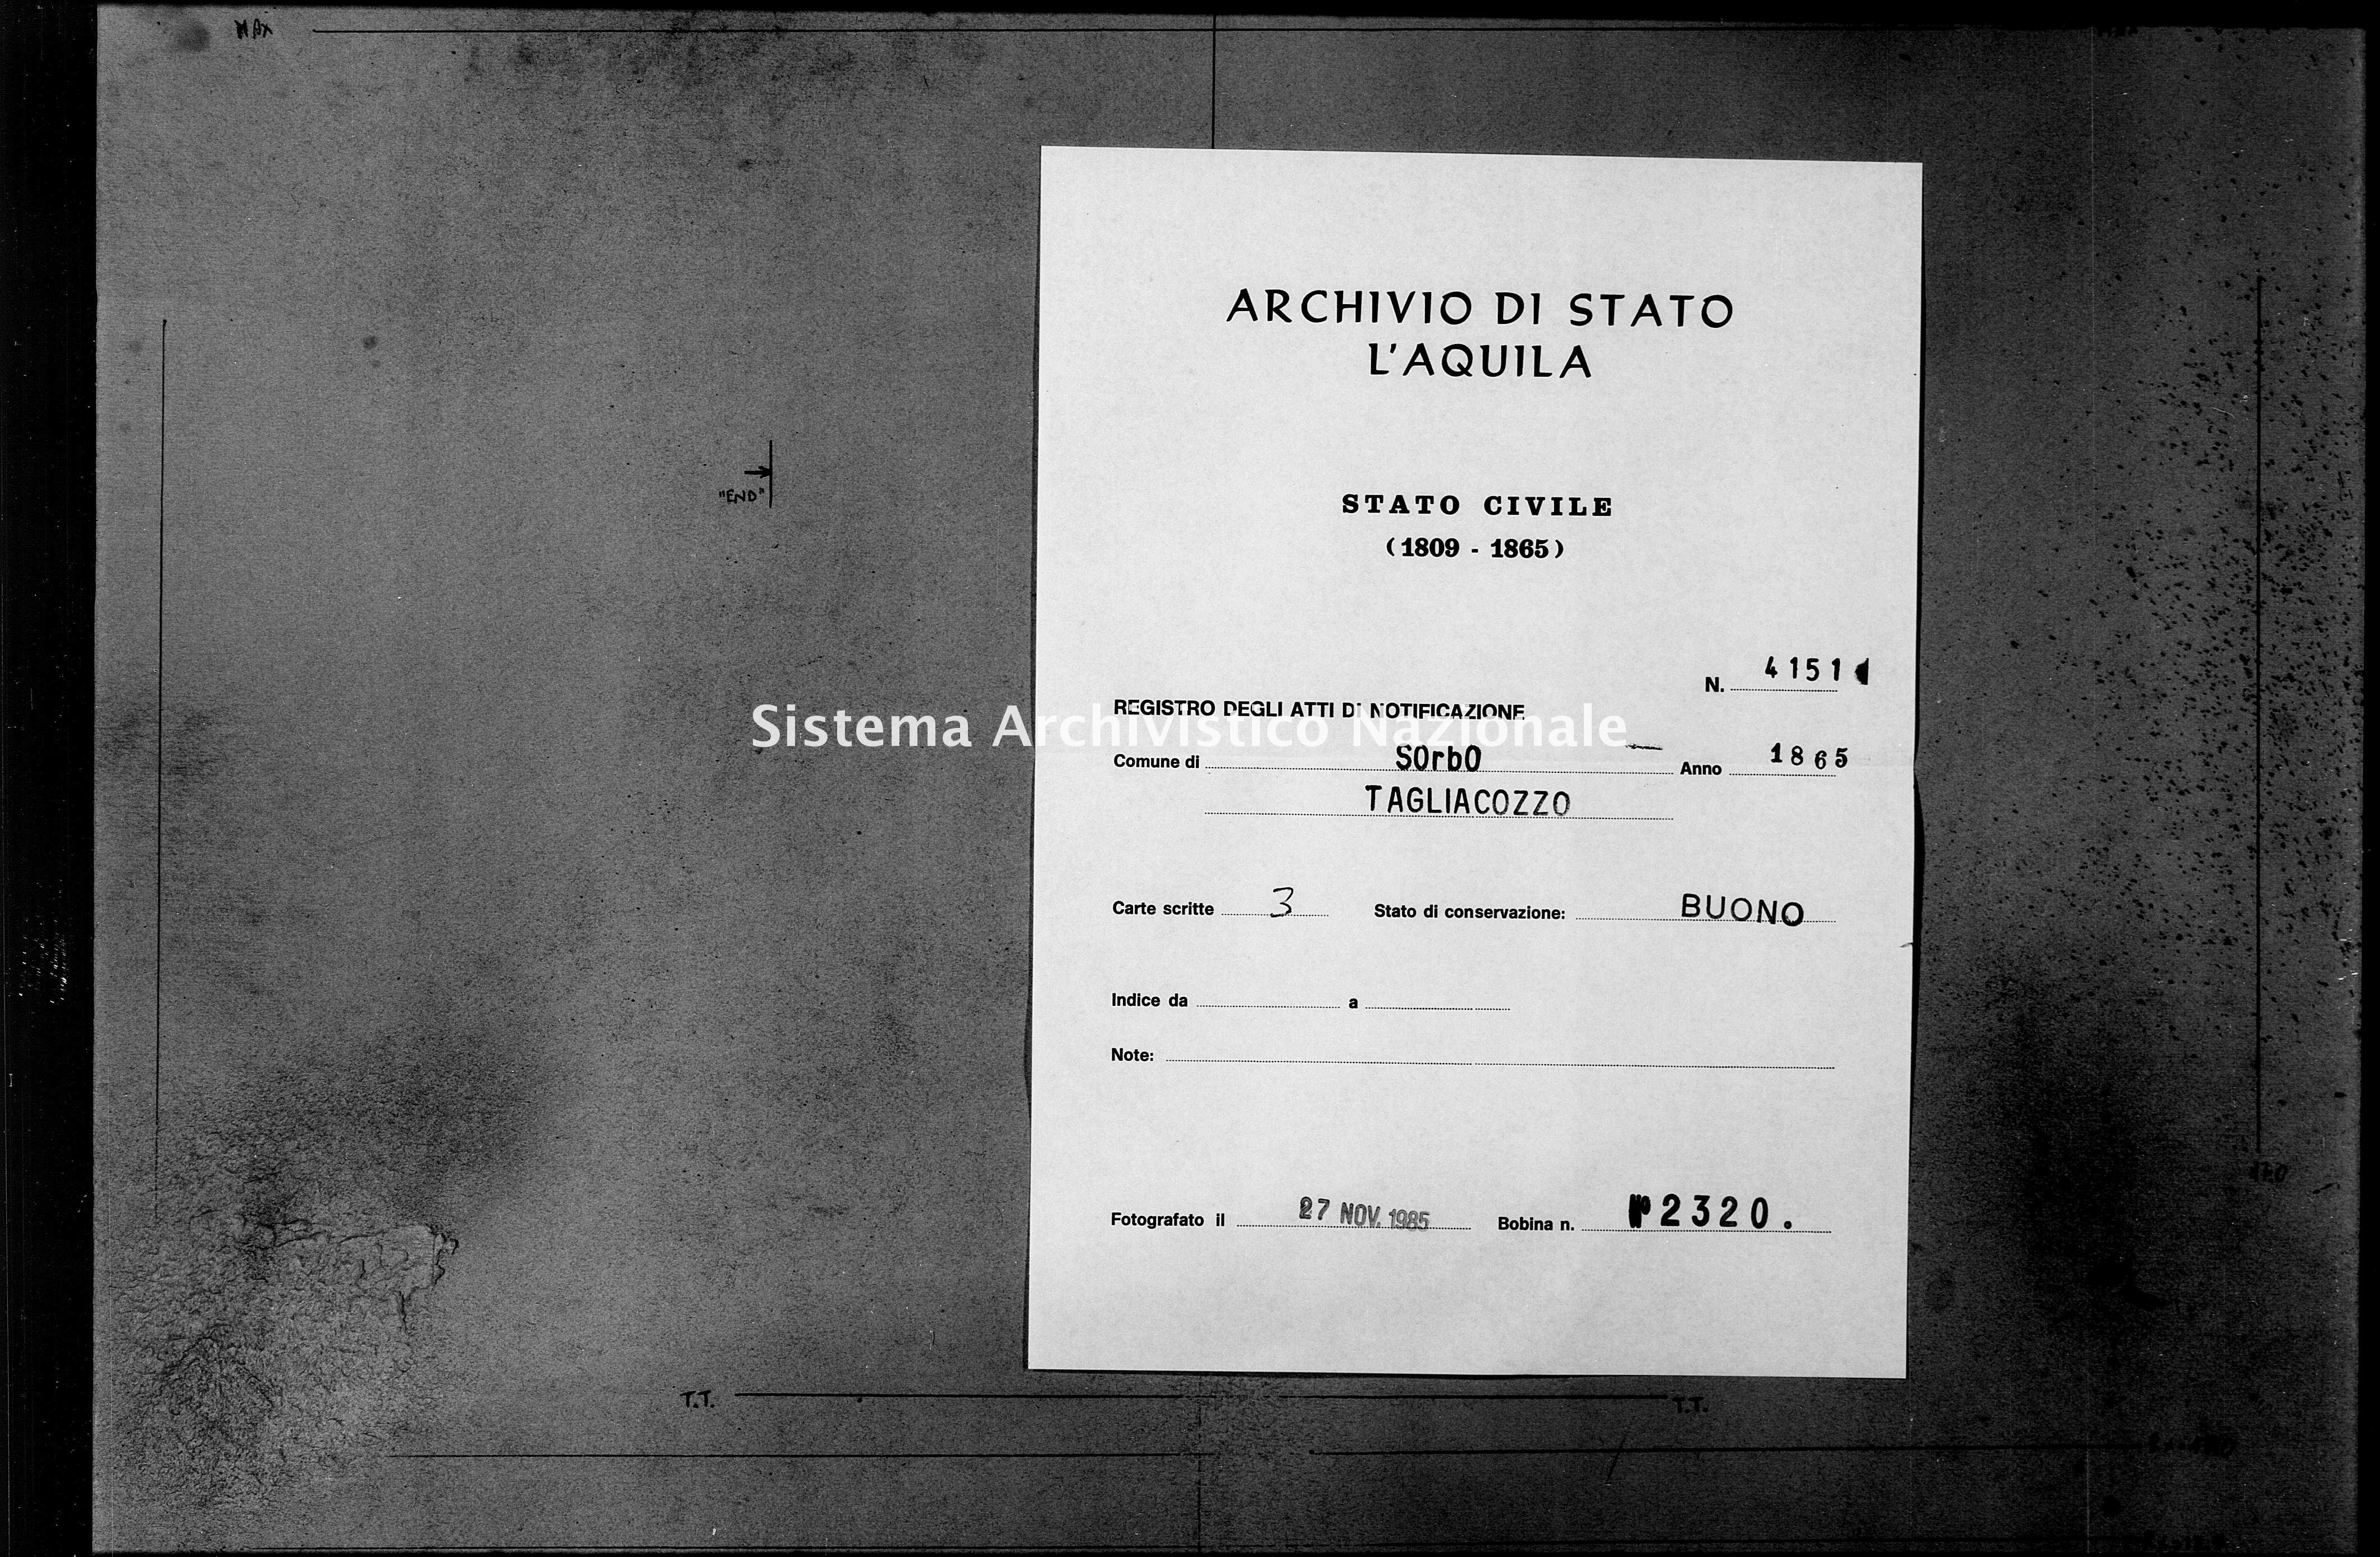 Archivio di stato di L'aquila - Stato civile italiano - Sorbo - Matrimoni - 1865 - 4151 -